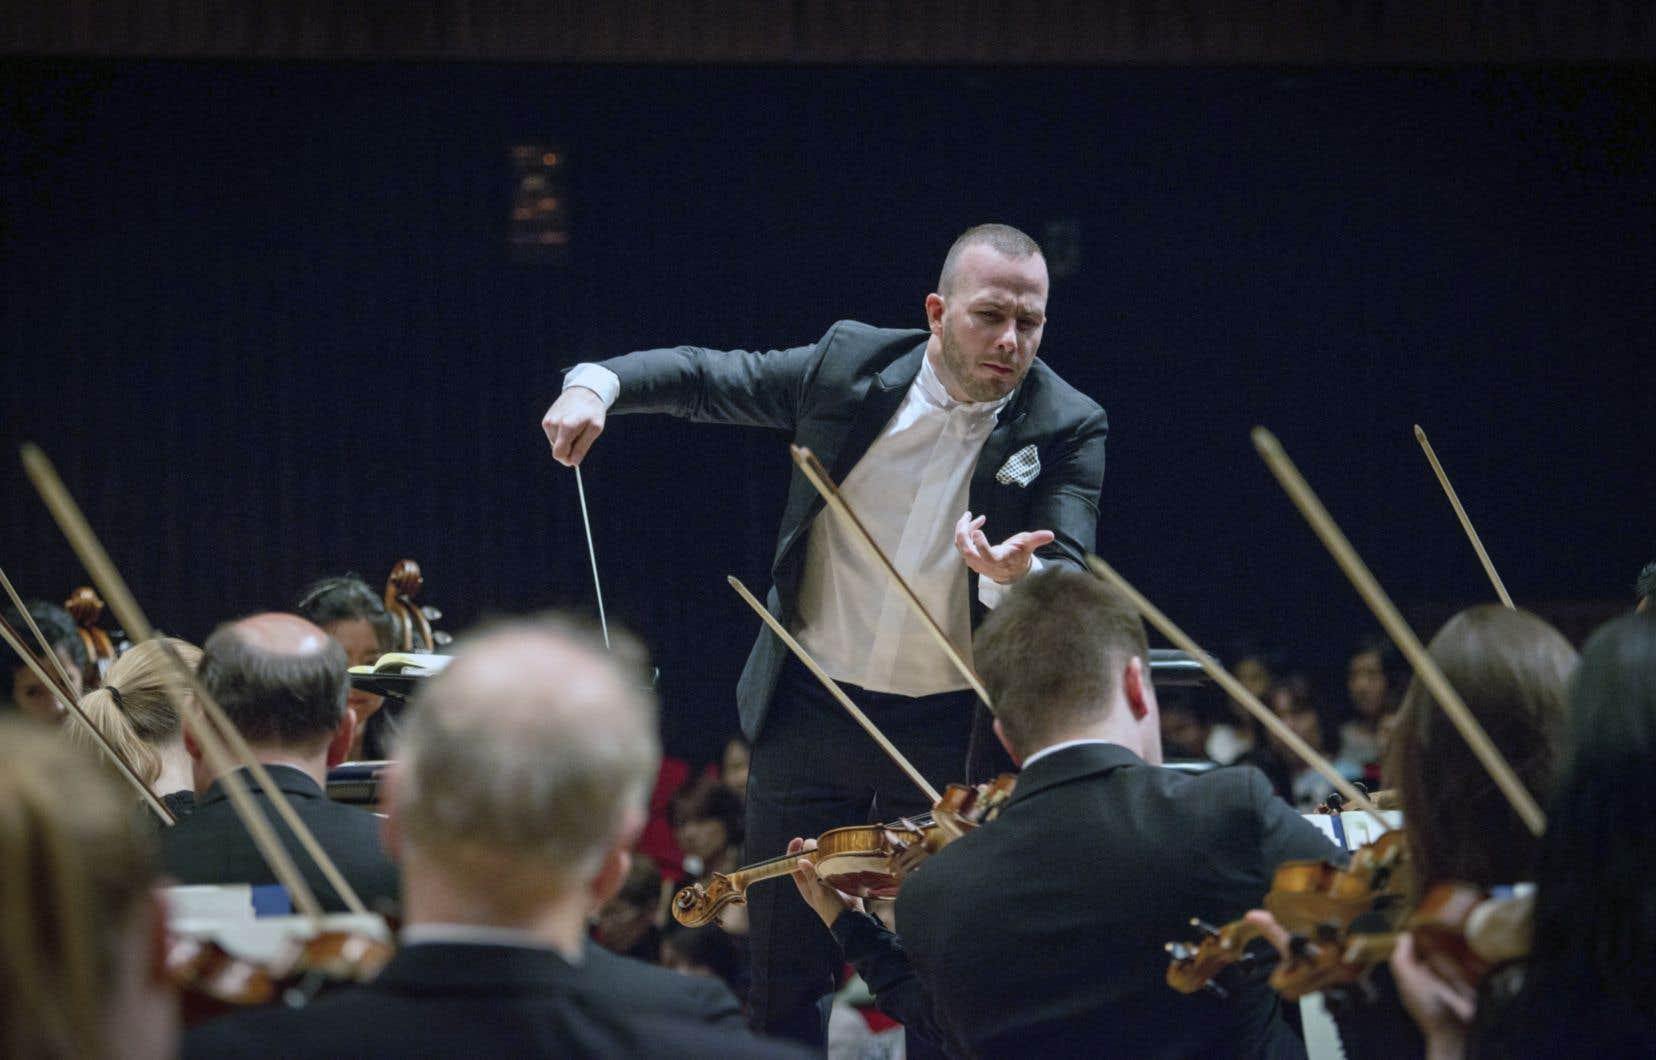 «Nous respectons les opinions des personnes présentes à notre concert, mais la salle de concert, pendant la musique, n'est pas le lieu pour exprimer ces opinions», a affirméle chef d'orchestre Yannick Nézet-Séguin.